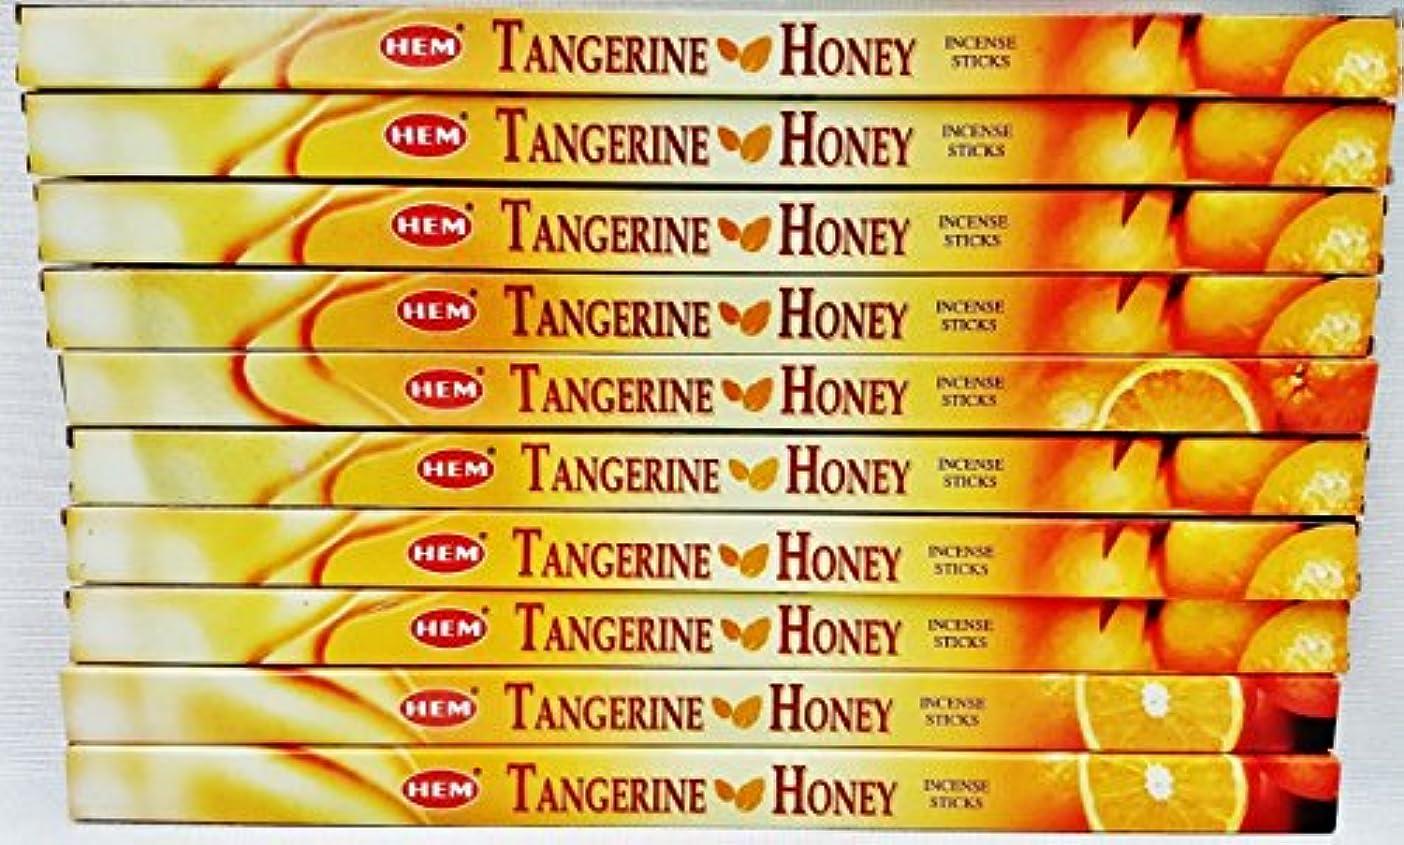 並外れて甘くする上昇10ボックスHem Tangerine Honey Incense 8 Sticks perボックス80合計Sticks